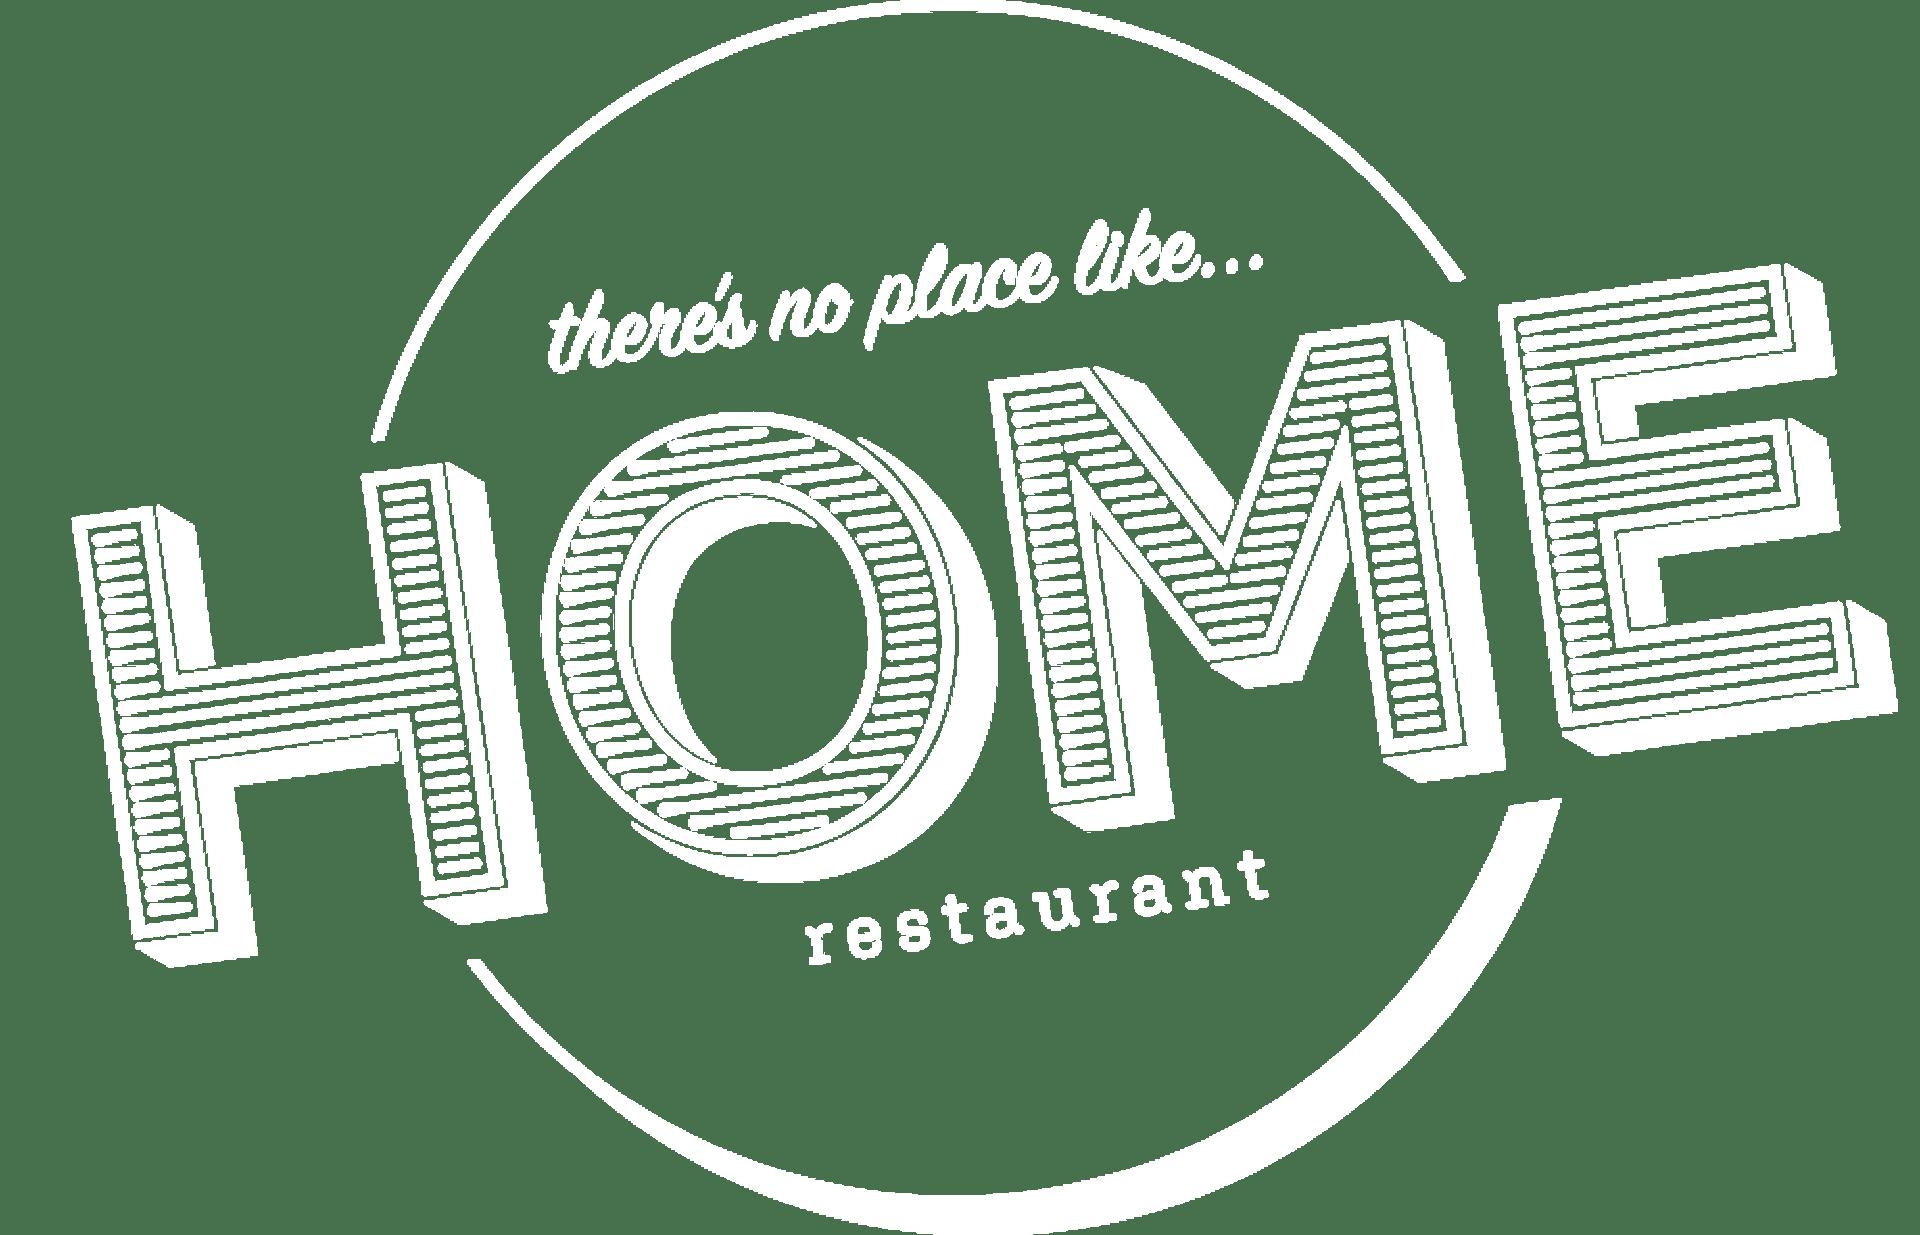 Home Restaurants logo